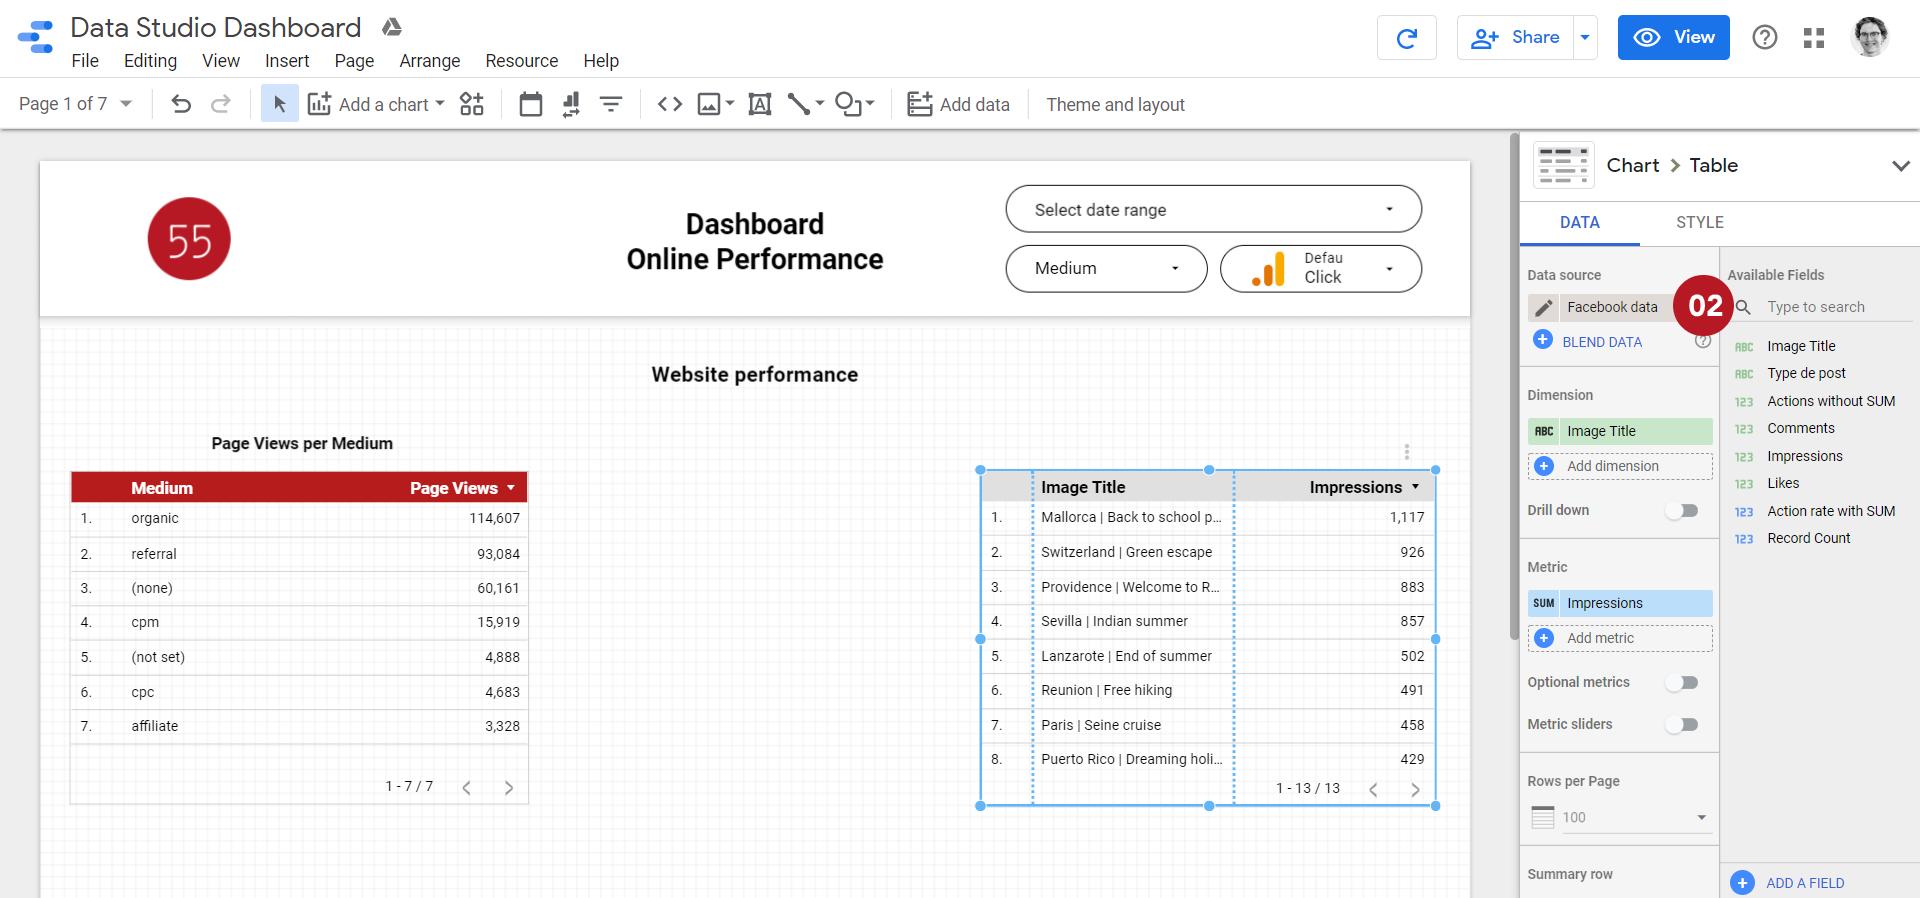 Capture d'écran pour utiliser une nouvelle source dans Data Studio